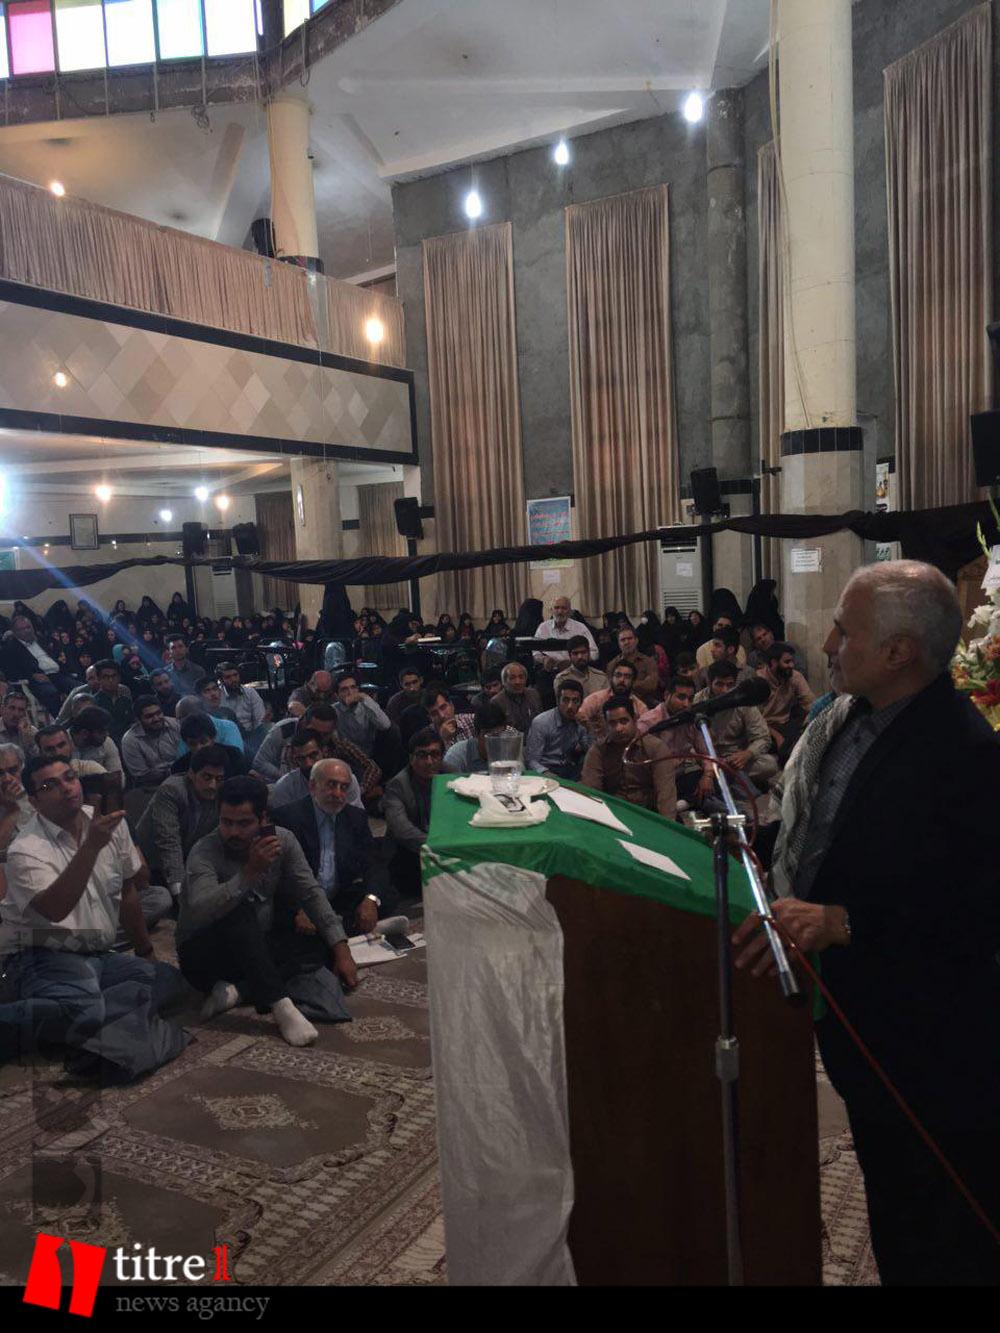 335232 433 نقل از عکسی؛ سخنرانی استاد حسن عباسی در مراسم اولین سالگرد شهید مدافع حرم حاج سعید قارلقی